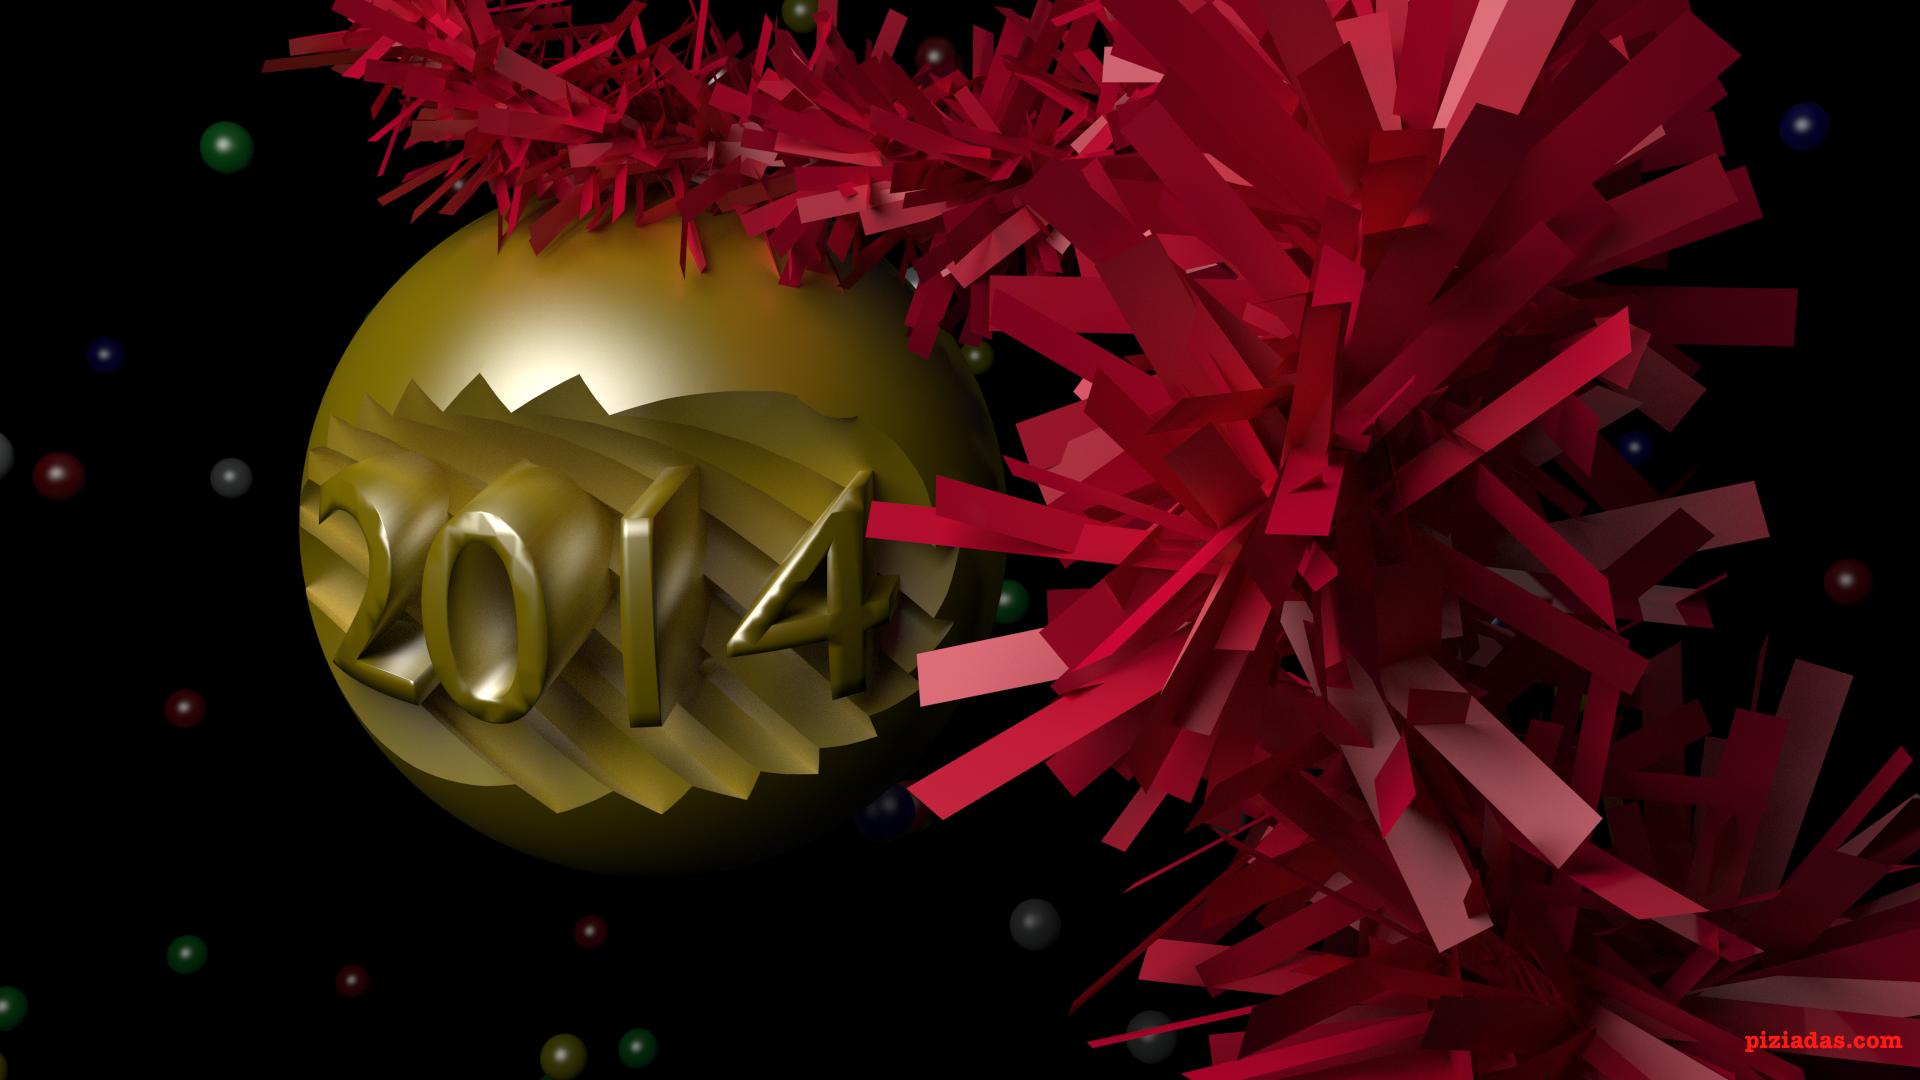 Weihnachten Hd Bilder.Wallpapers Weihnachten 2013 I 2014 Imagen 1920 1080 Hdtv